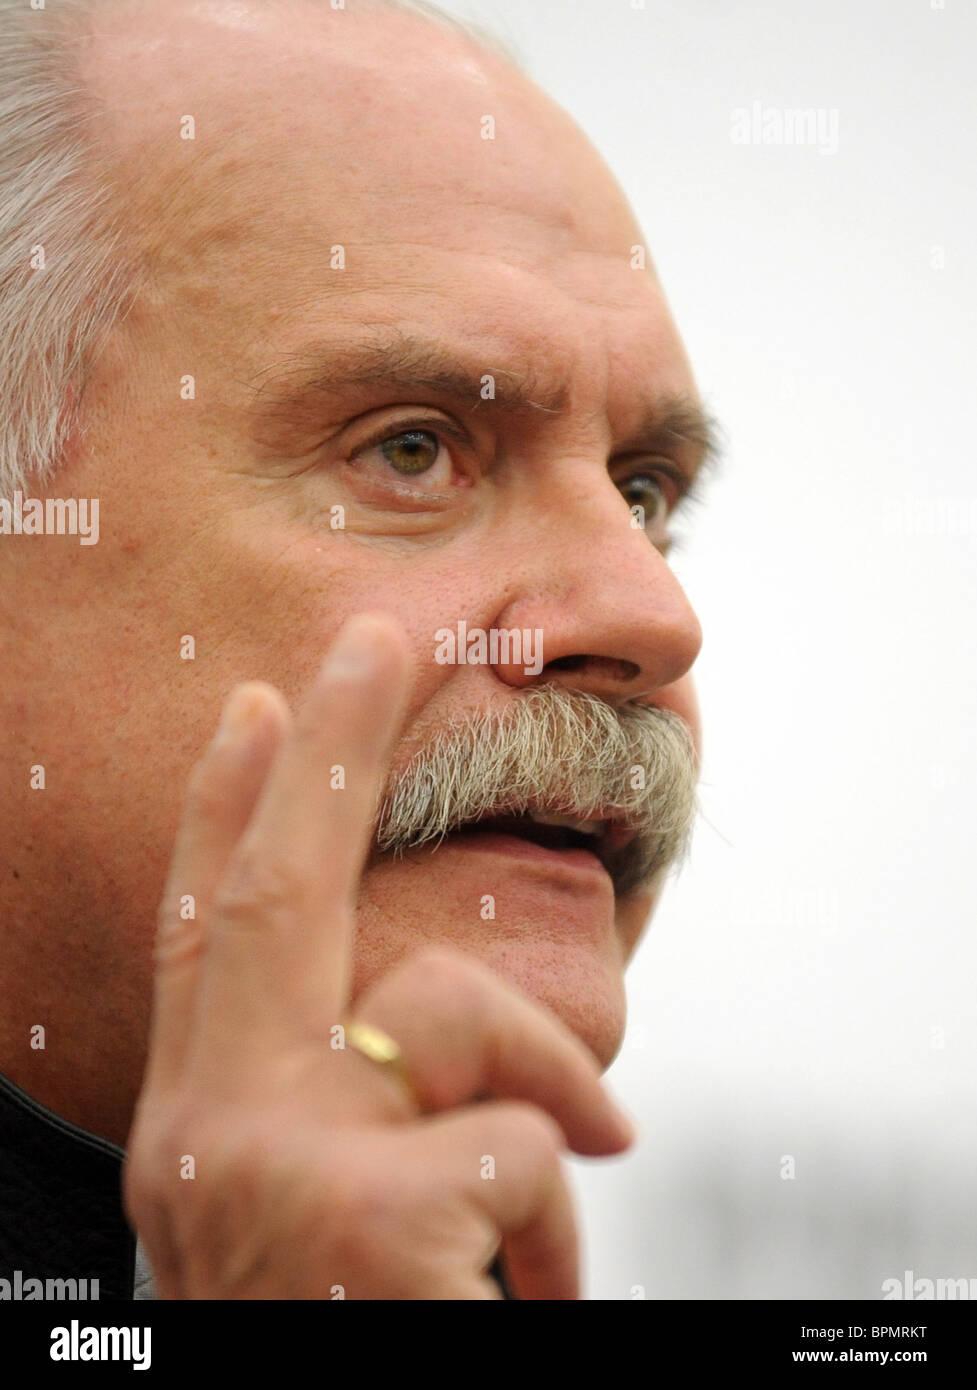 Nikita Mikhalkov gives news conference - Stock Image